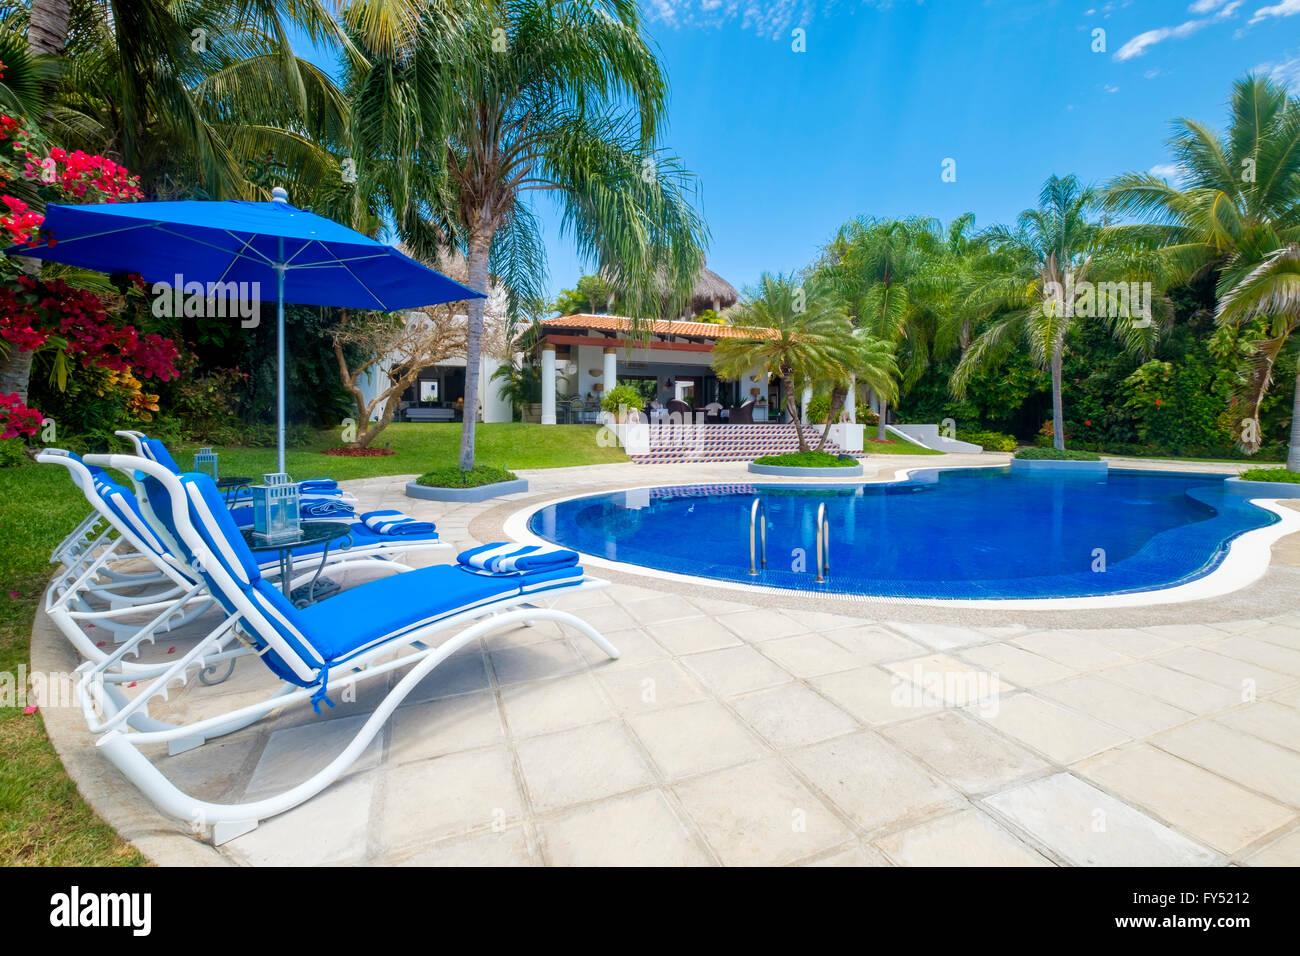 Zona de piscina con tumbonas y sombrillas - exclusiva residencia Mexicana, Punta de Mita, Riviera Nayarit, México Imagen De Stock